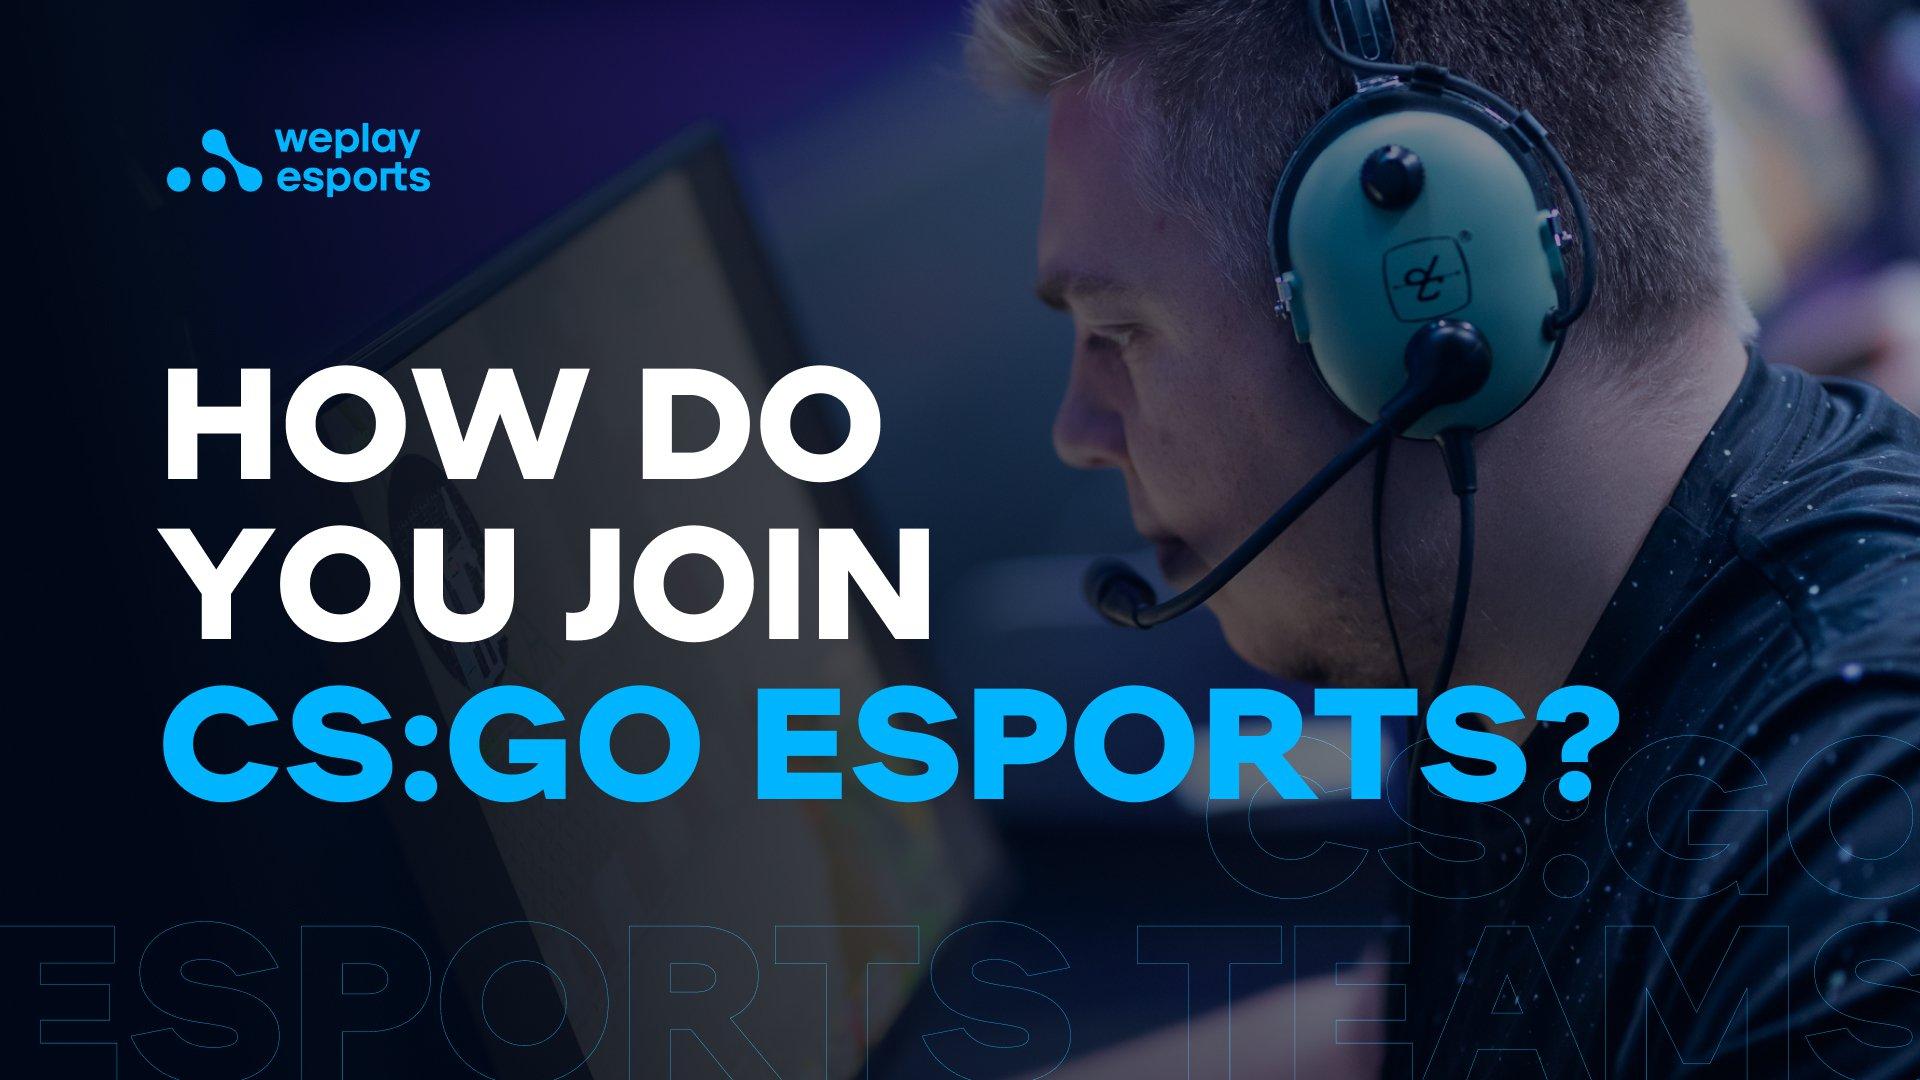 How Do You Join CS:GO Esports?